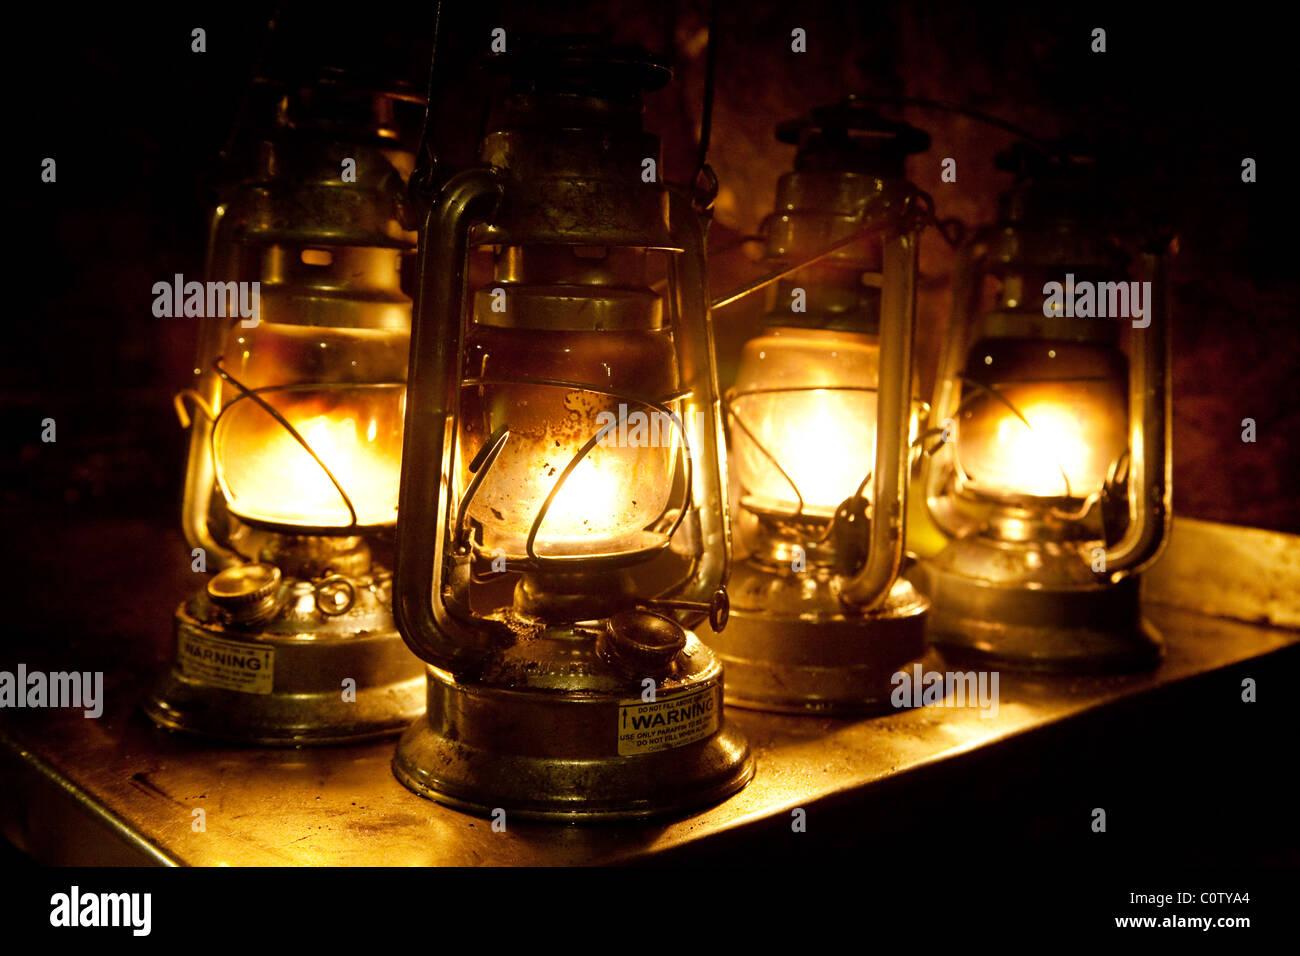 Lampes à huile à l'ancienne, grottes de Chislehurst à Chislehurst, dans le Kent, UK Photo Stock